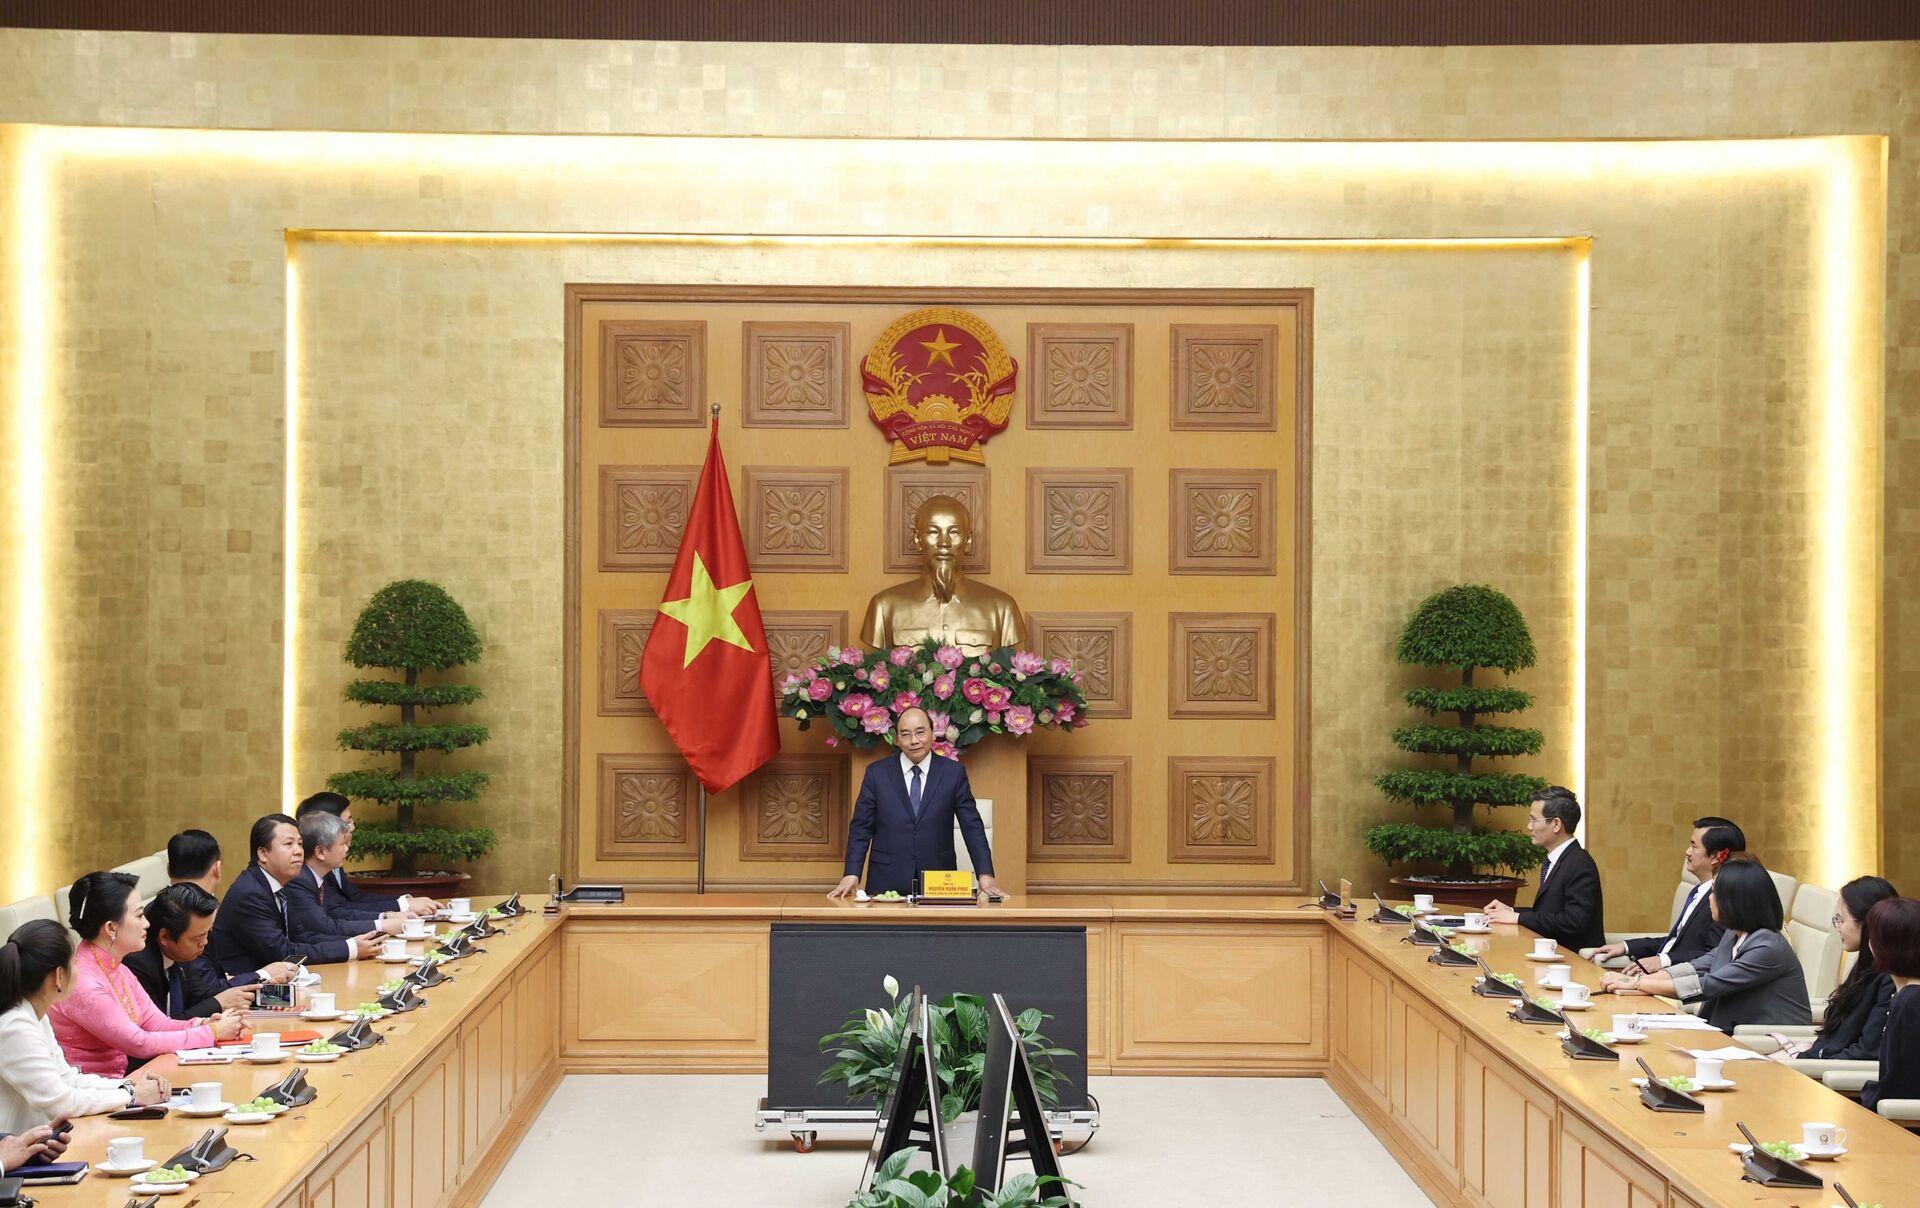 Thủ tướng Nguyễn Xuân Phúc: Việt Nam đã vượt qua khó khăn về mọi mặt - Sputnik Việt Nam, 1920, 18.03.2021